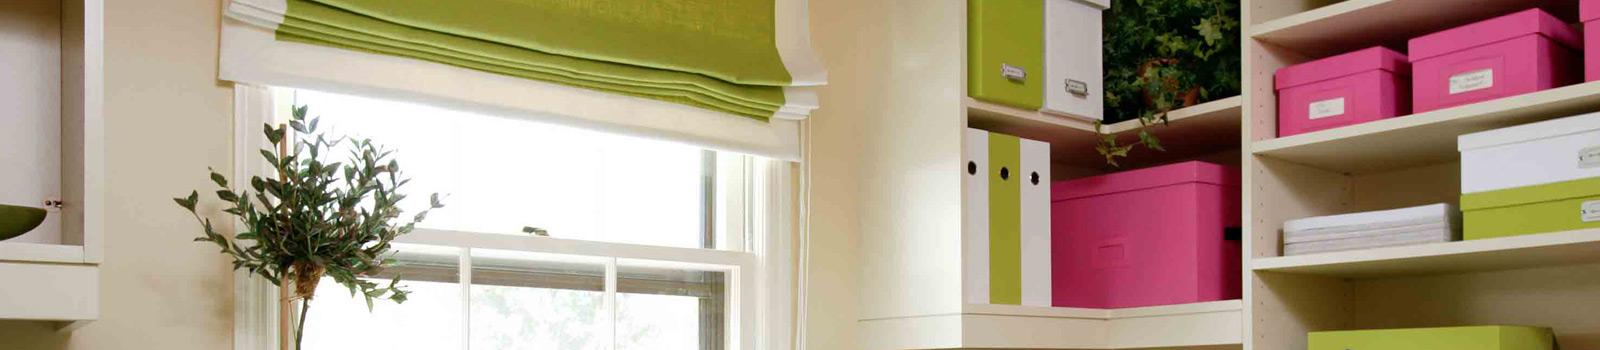 tout fait votre coach en rangement vous aide domicile. Black Bedroom Furniture Sets. Home Design Ideas